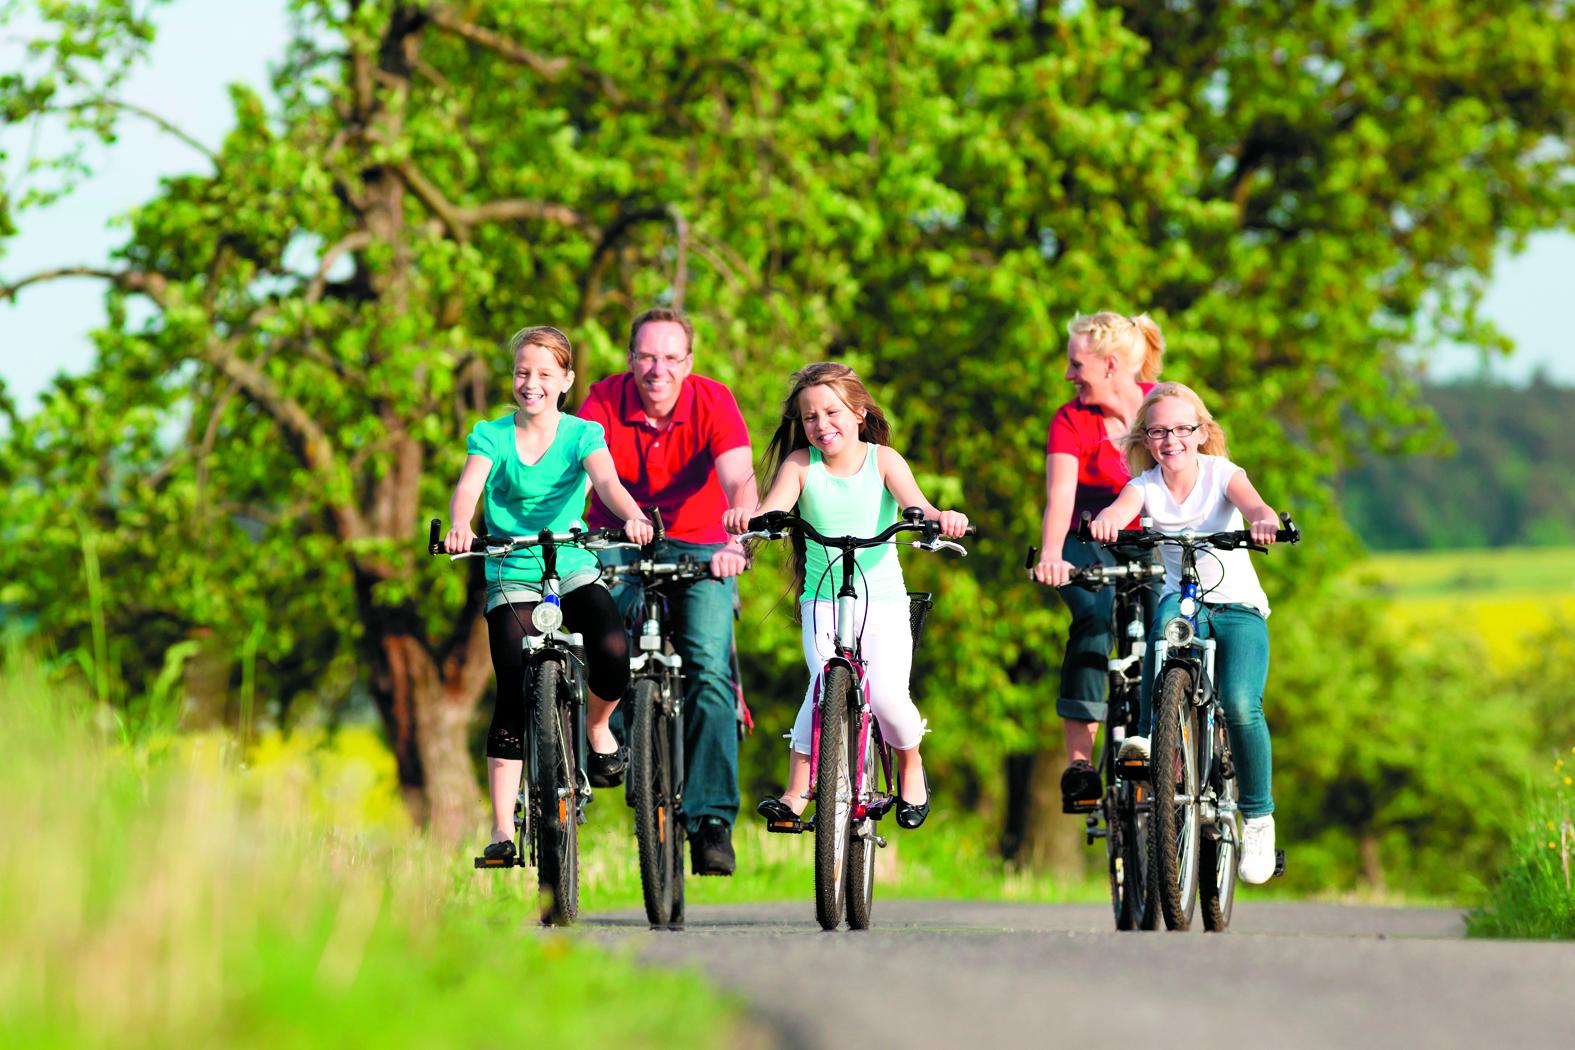 Stap op de fiets en doe met het hele gezin mee met de Theater Trap Tour in de gemeente Opmeer. Schrijf het alvast in de agenda! (Foto: aangeleverd)